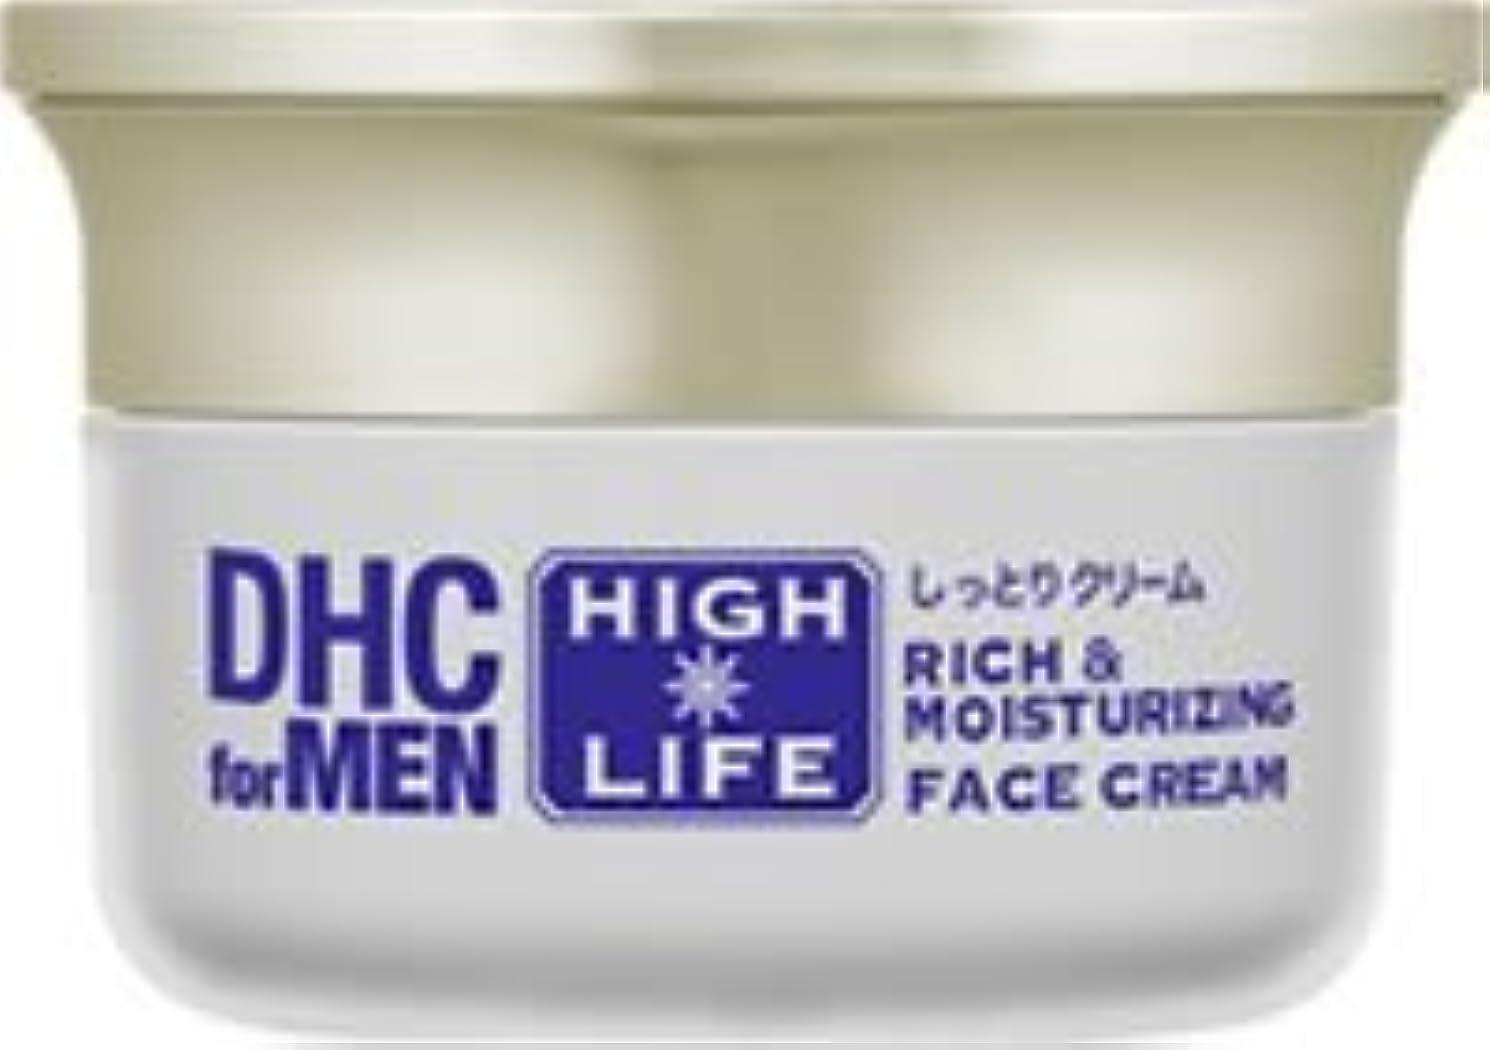 そうでなければ内なる立ち向かうDHCリッチ&モイスチュア フェースクリーム【DHC for MEN ハイライフ】